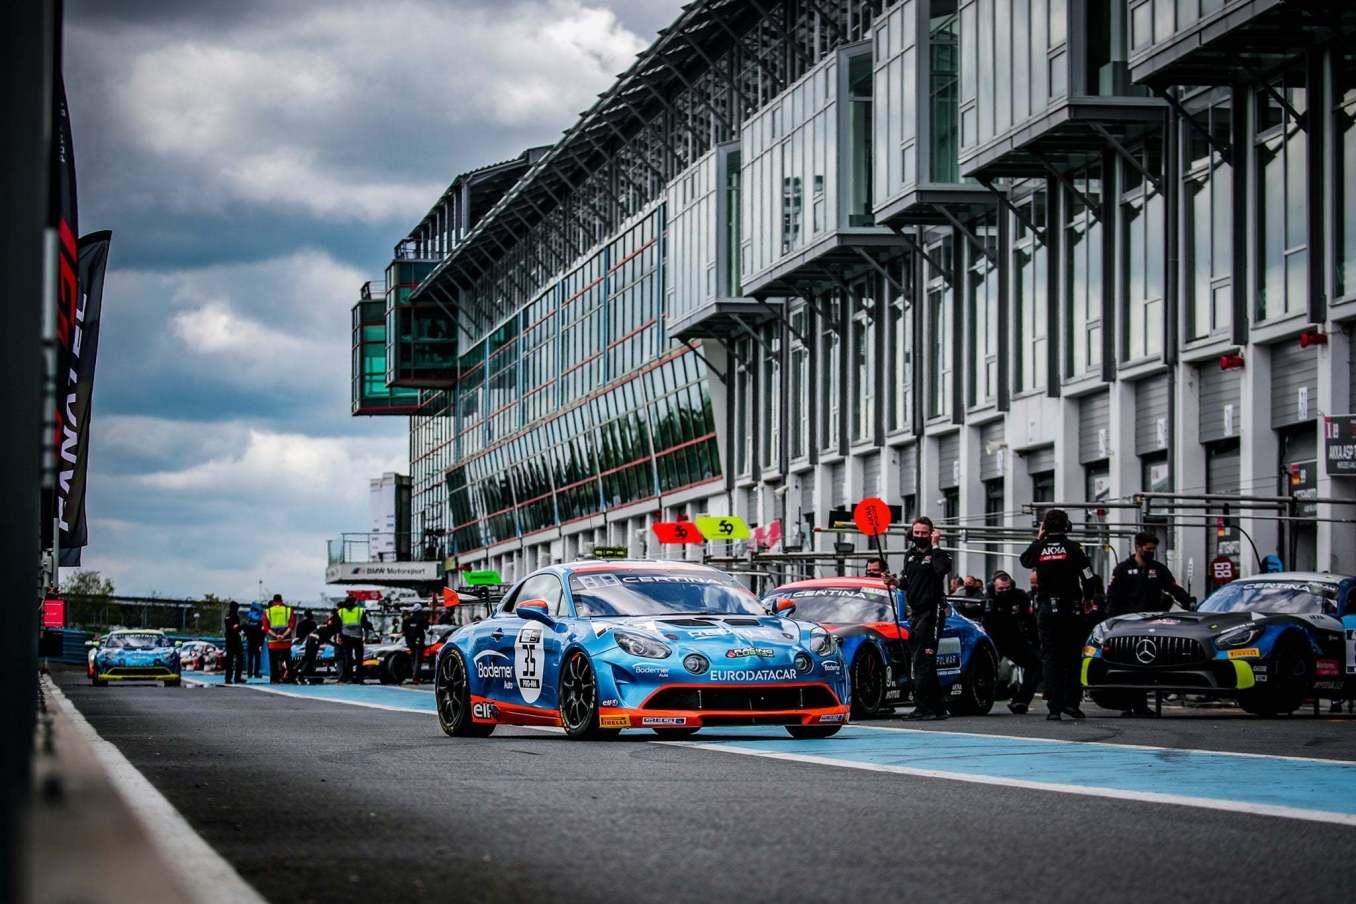 Alpine A110 GT4 Magny Cours FFSA GT 2021 1 | Alpine A110 GT4 : le duo Wallgren - Castelli sur la 2ème marche du podium à Magny-Cours à la course 2